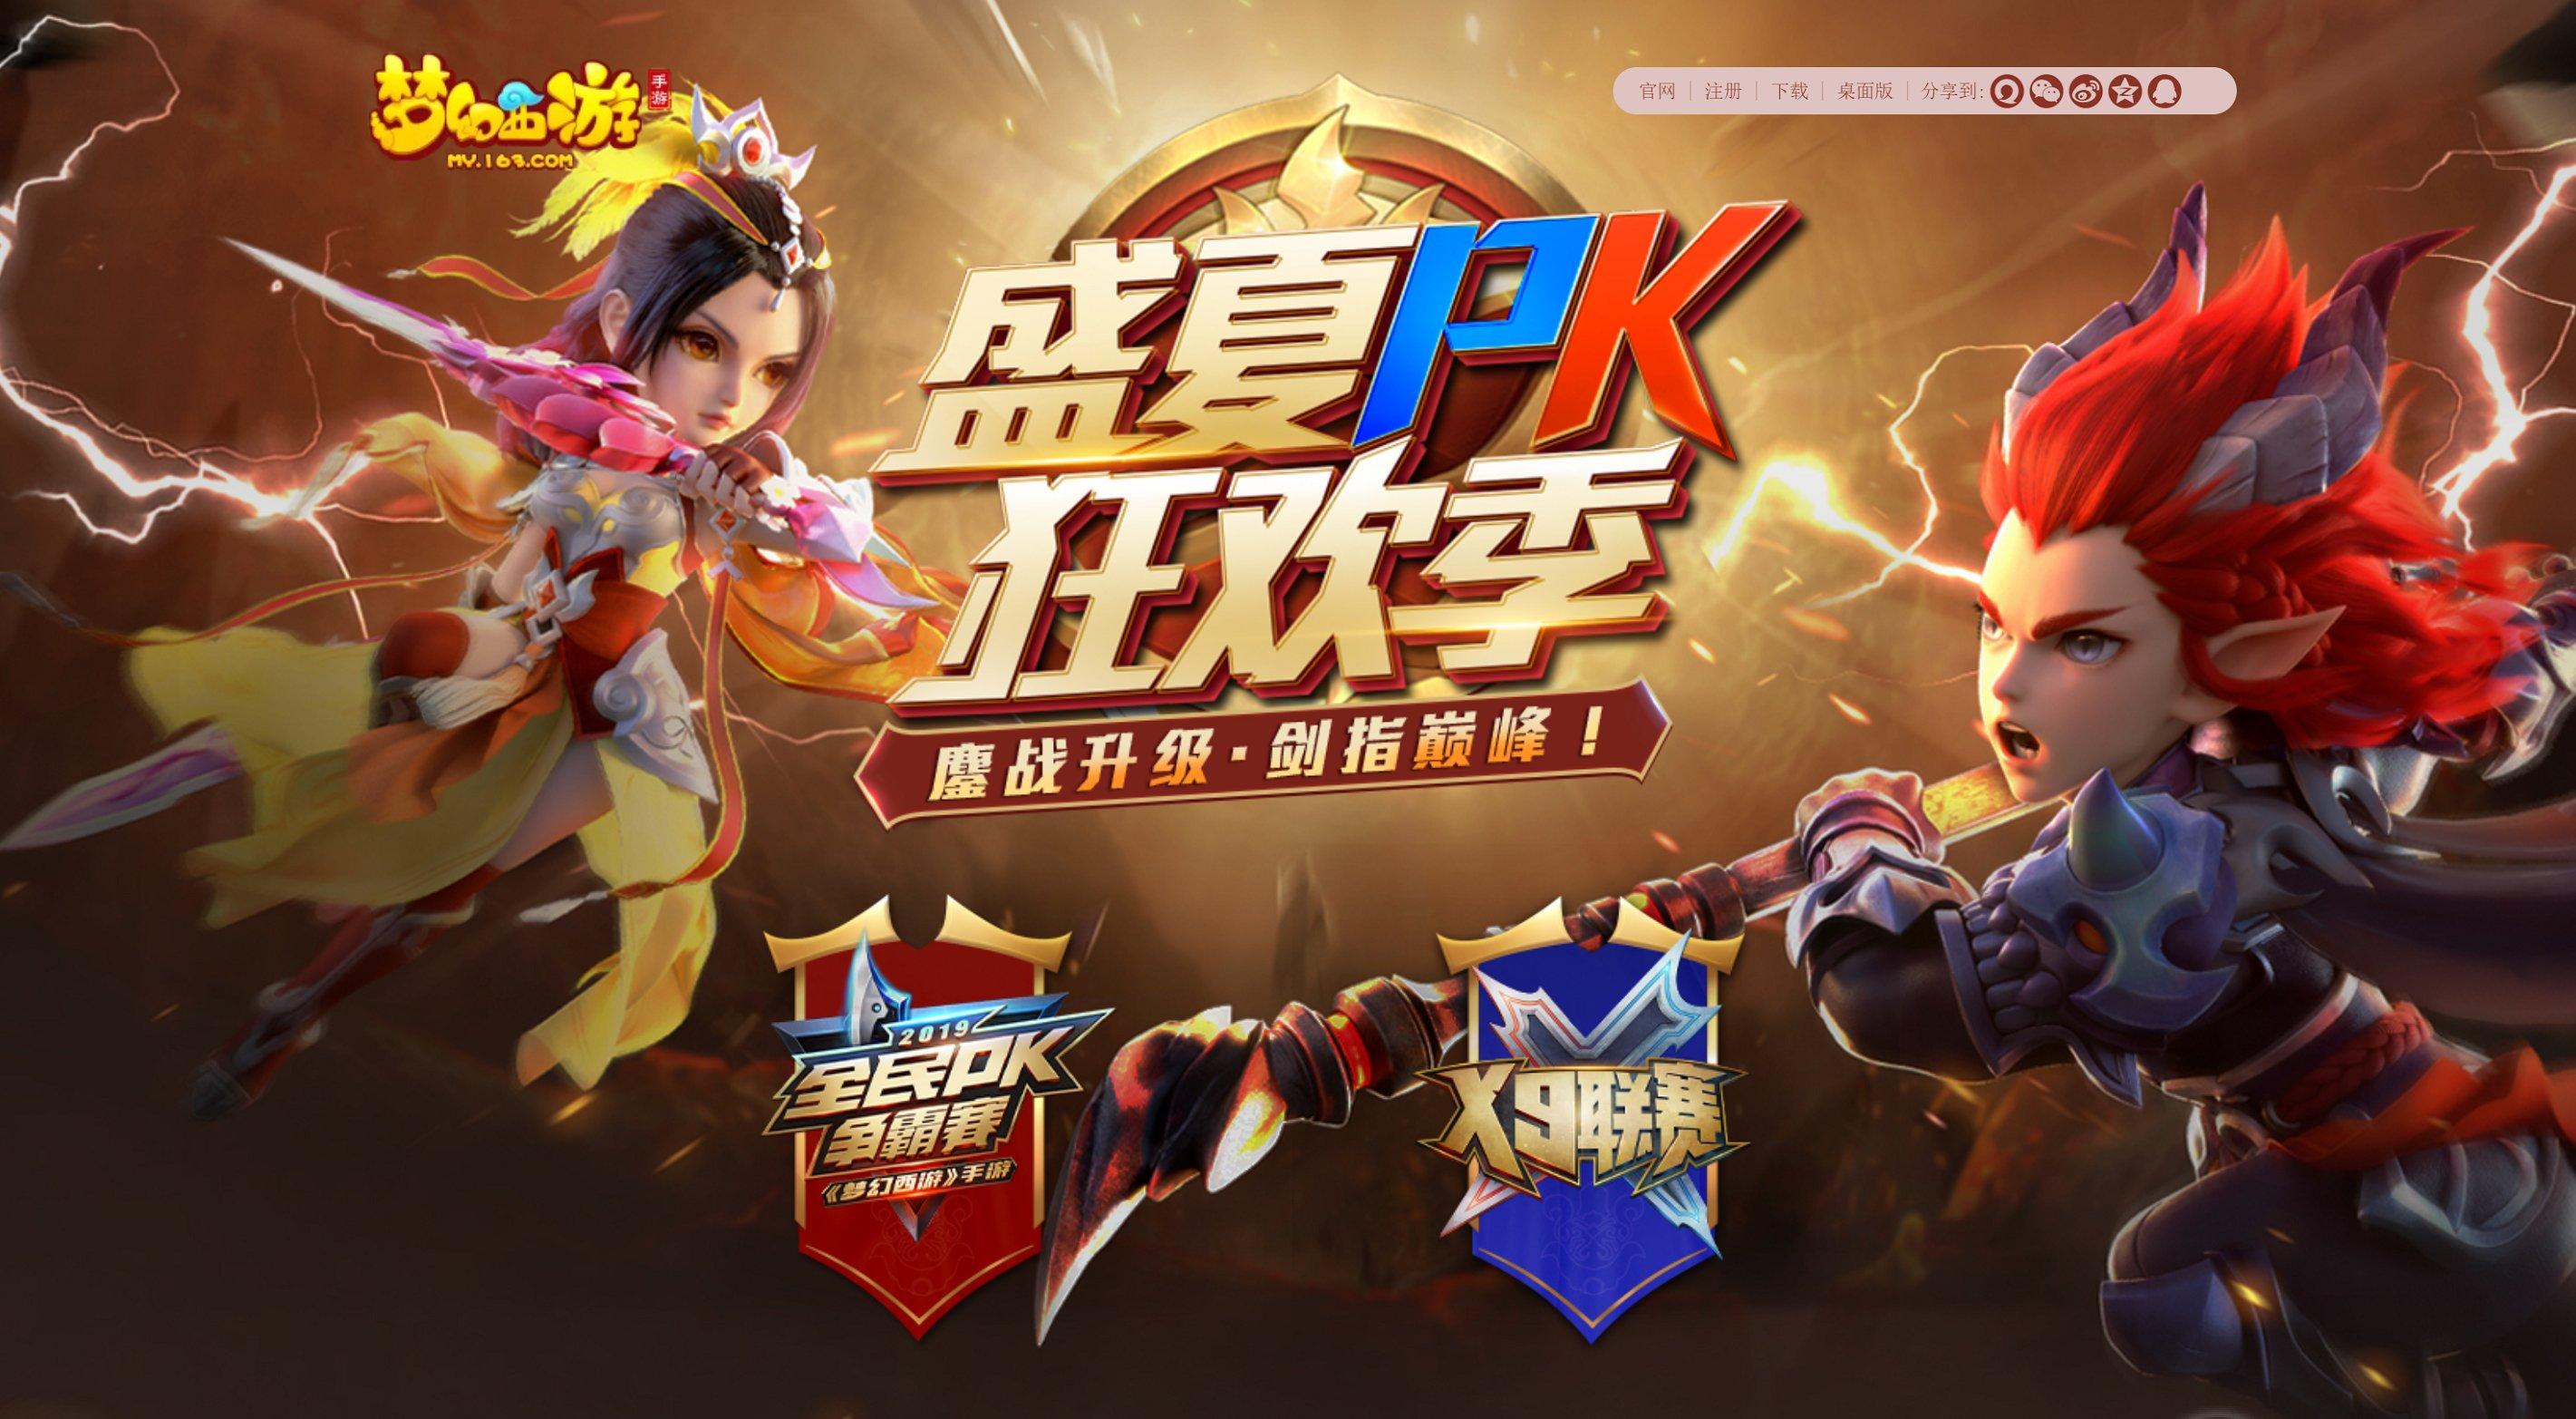 鏖战升级,《梦幻西游》手游全民PK争霸赛今日开赛